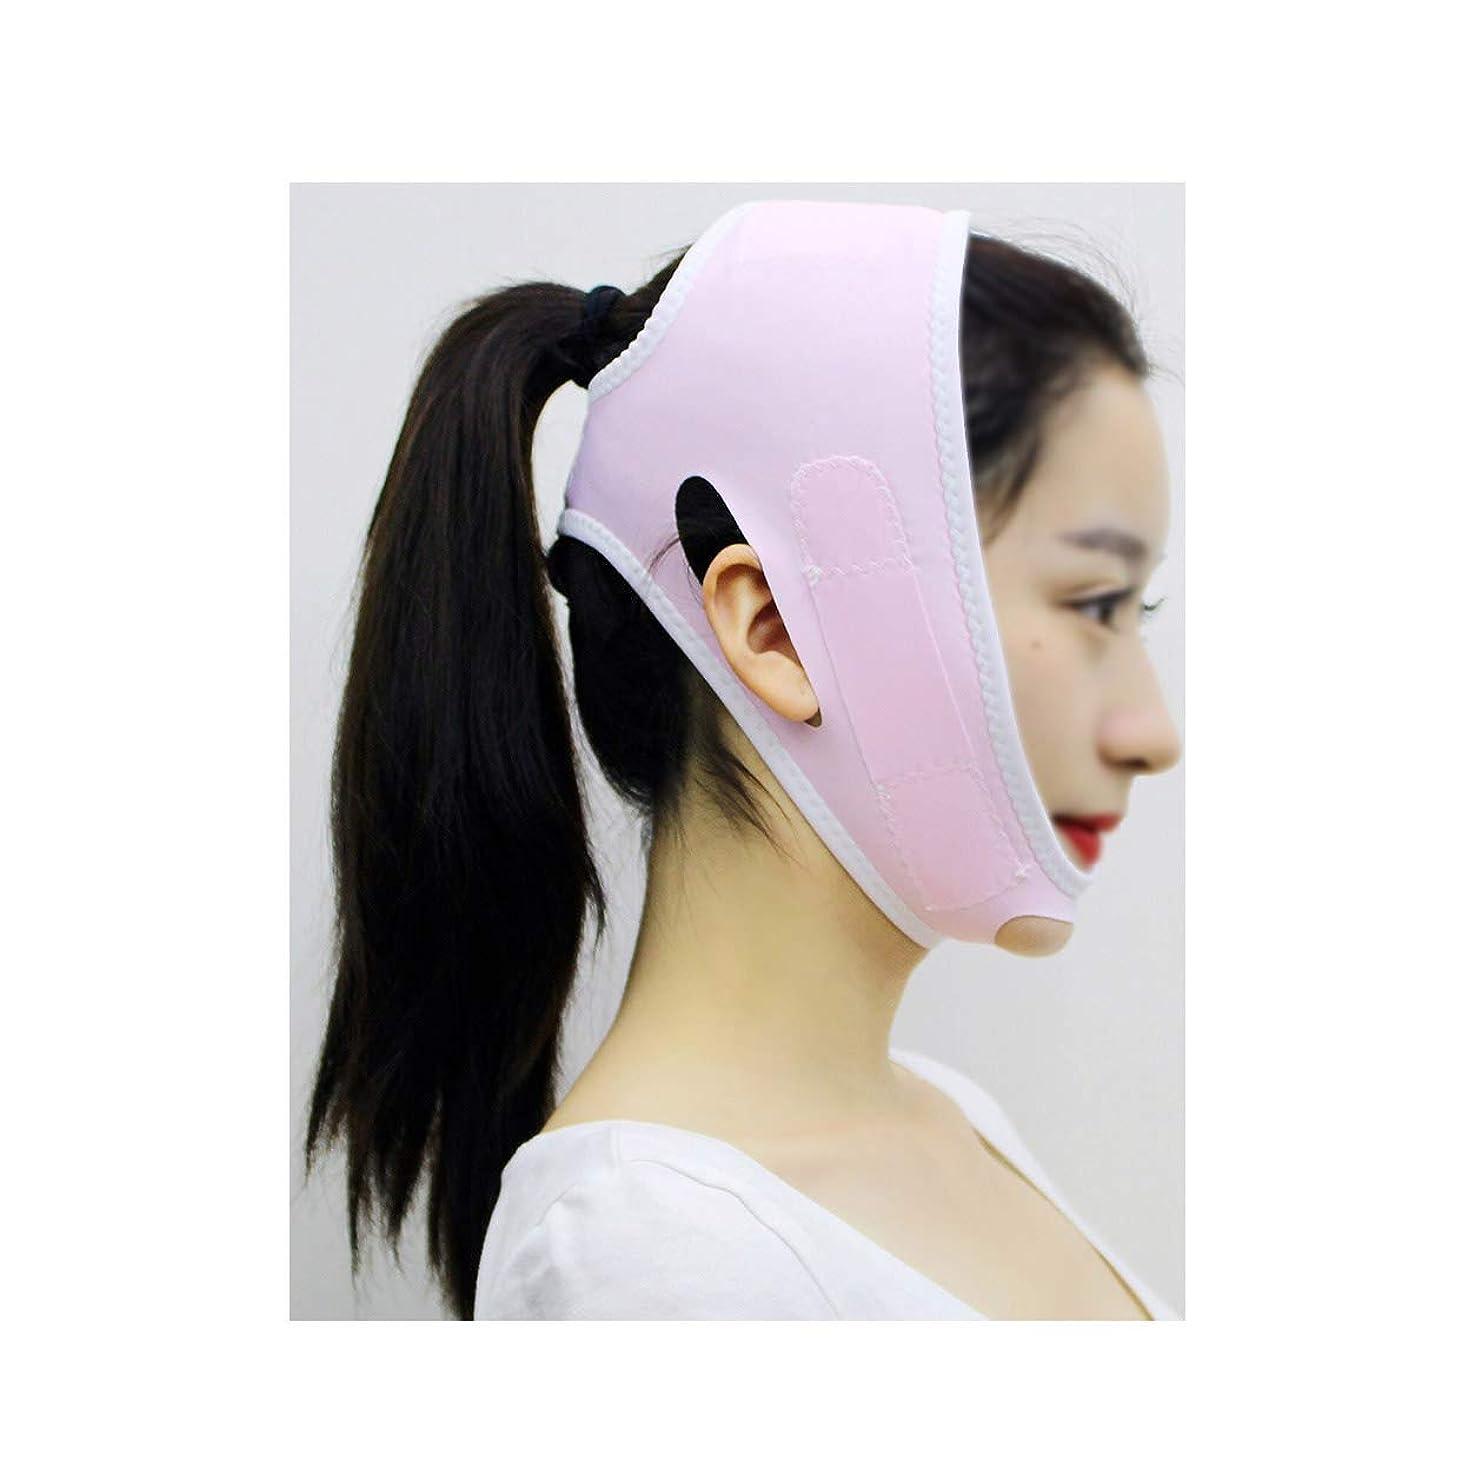 承知しましたオーディション無視するTLMY フェイシャルリフティングマスクあごストラップ修復包帯ヘッドバンドマスクフェイスリフティングスモールVフェイスアーティファクト型美容弾性フェイシャル&ネックリフティング 顔用整形マスク (Color : Pink)